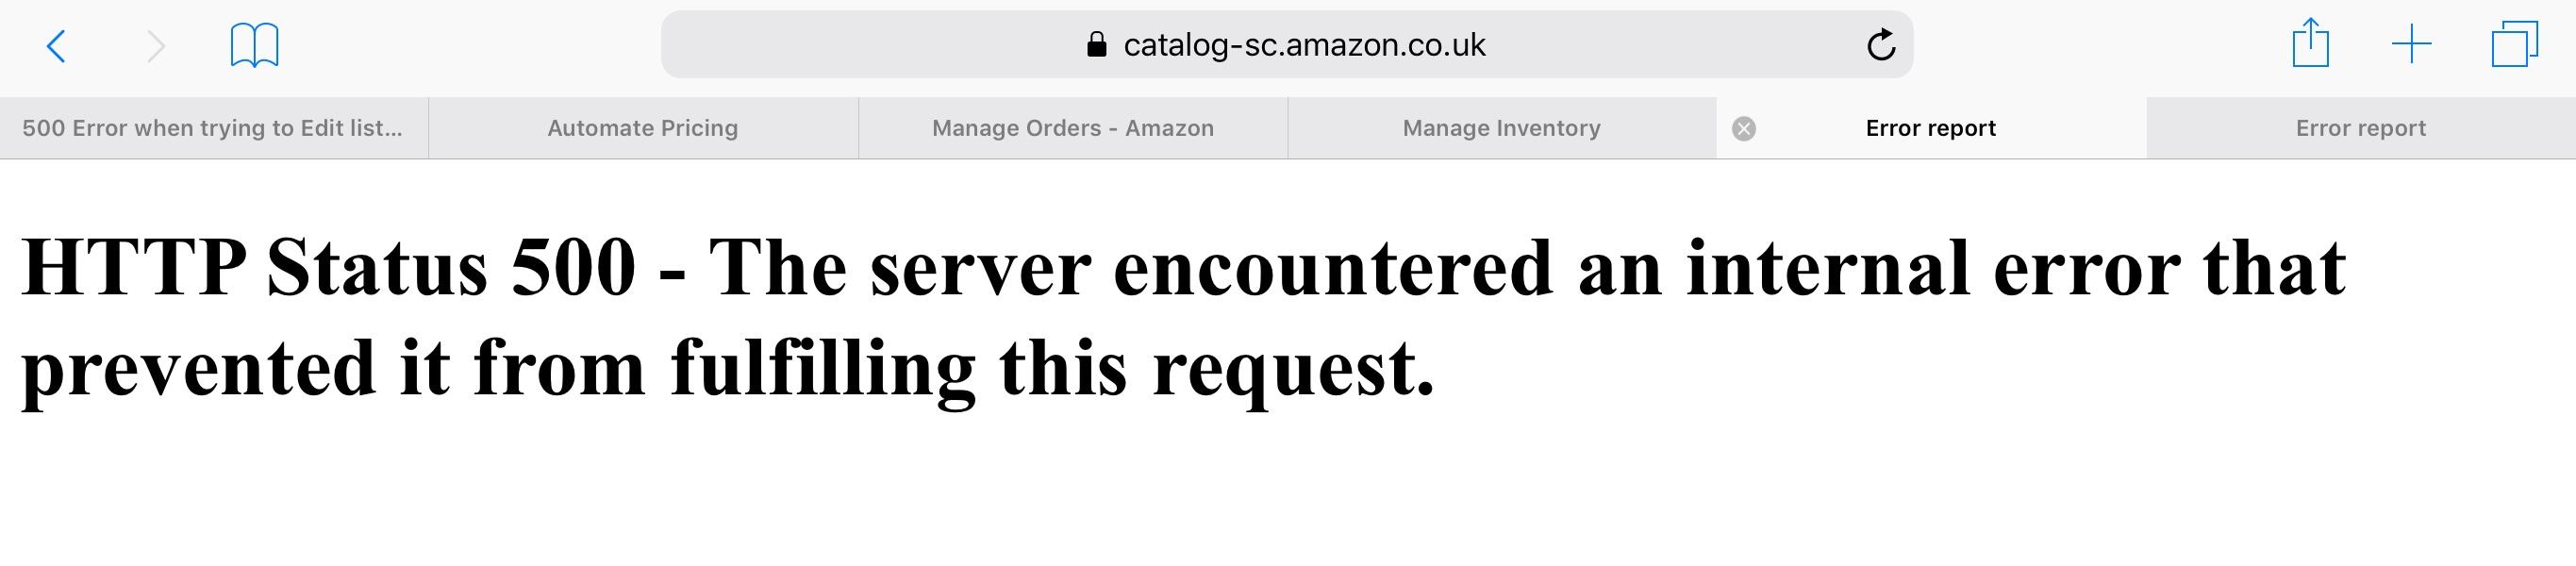 Amazon seller http status 500